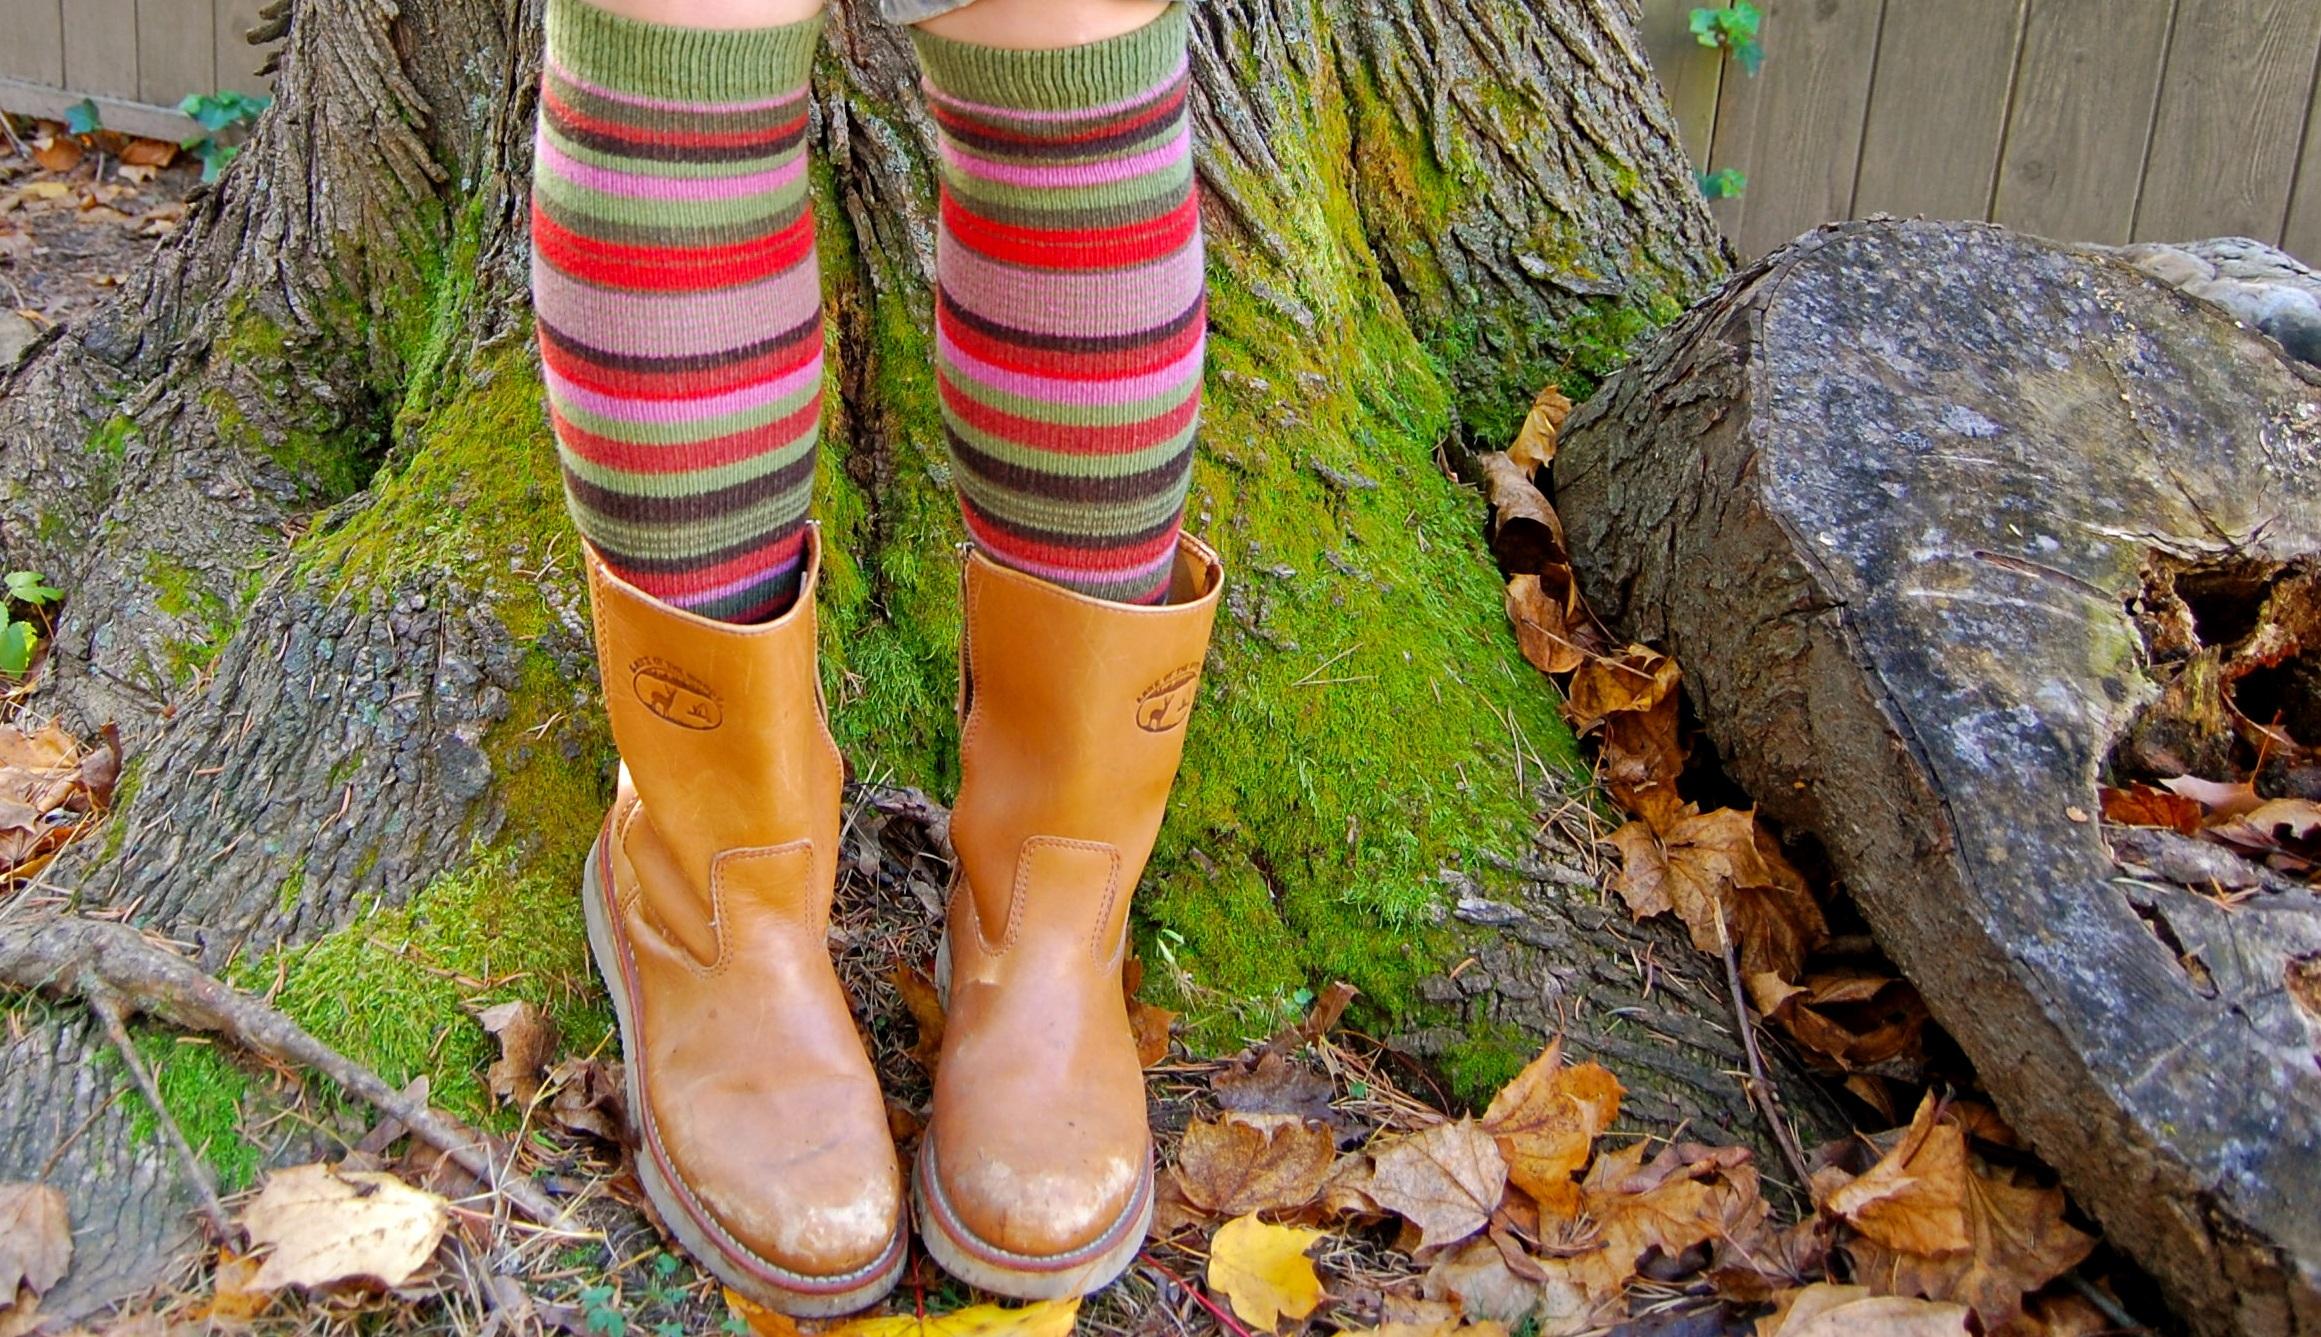 fun-socks-1179312